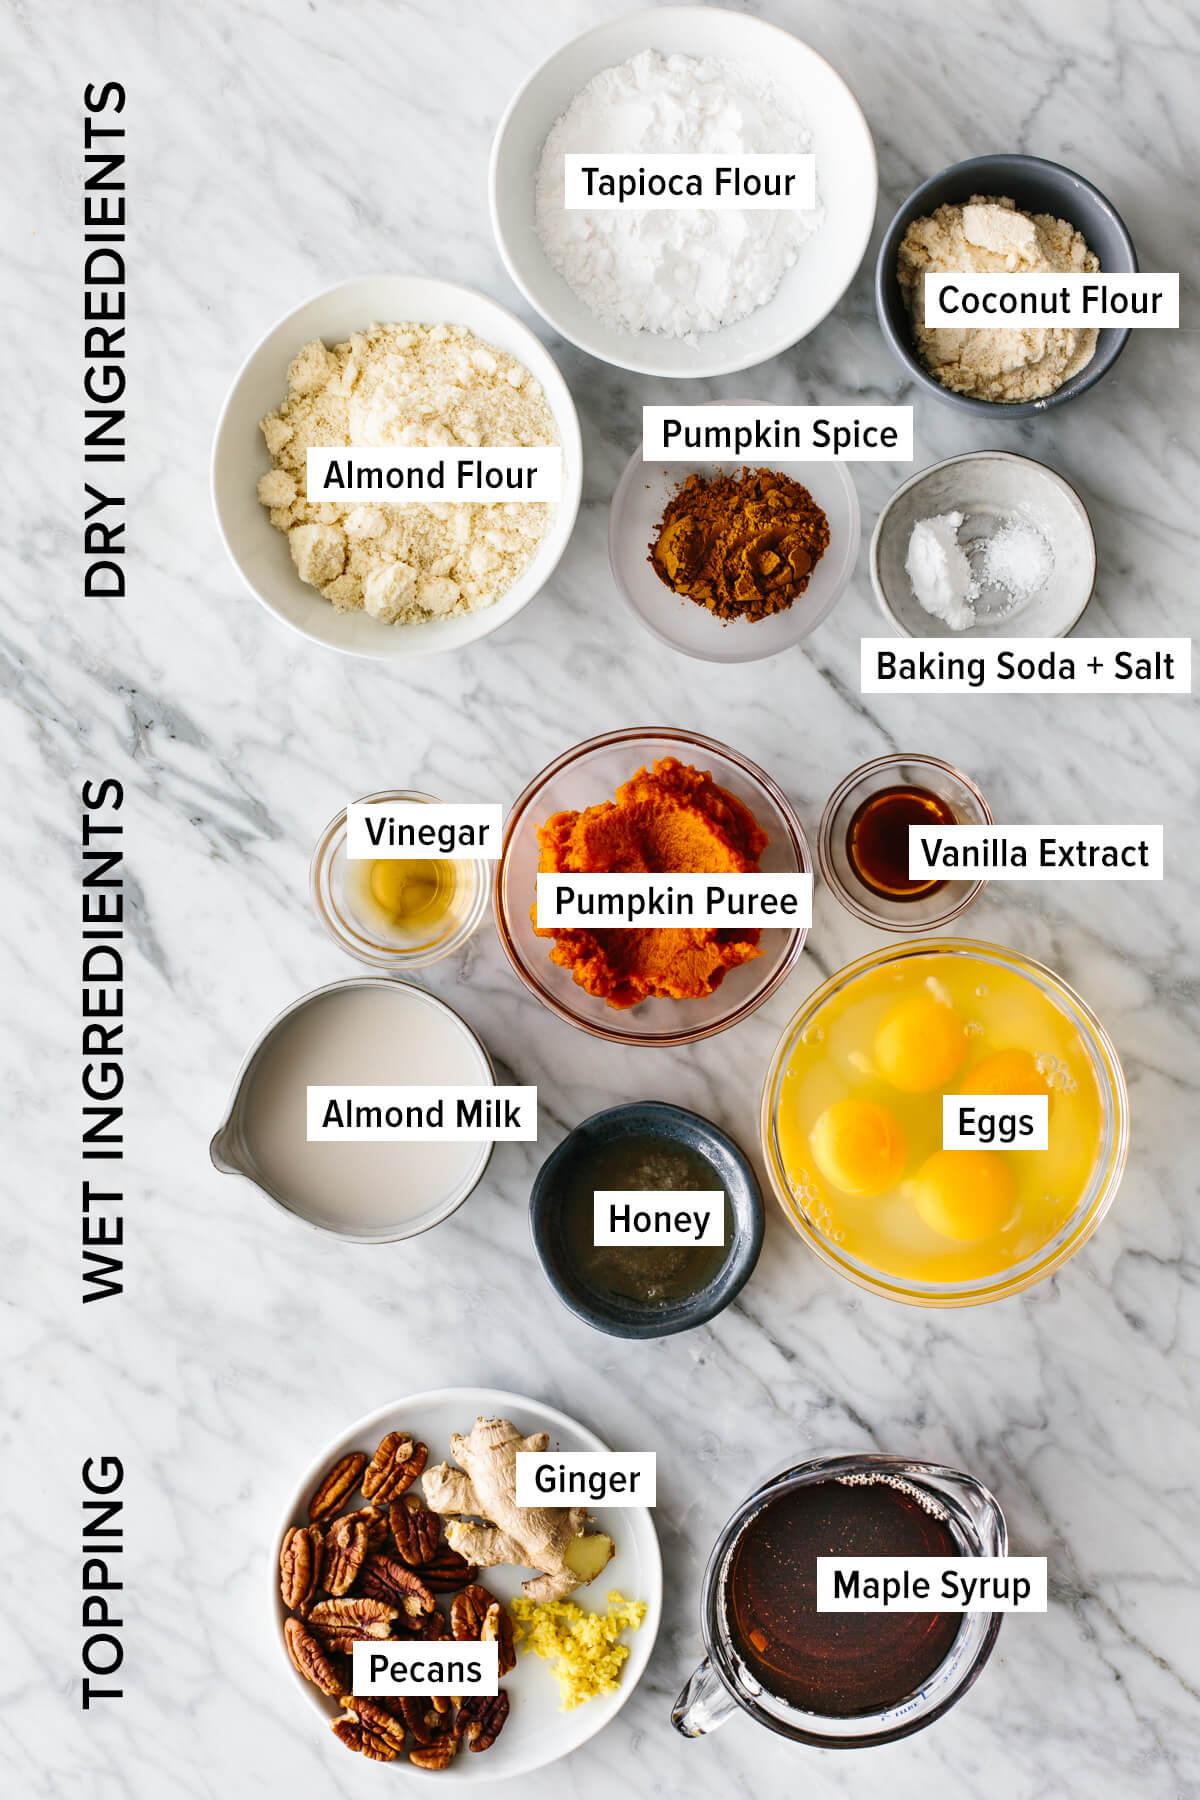 Ingredients to make paleo pumpkin pancakes.